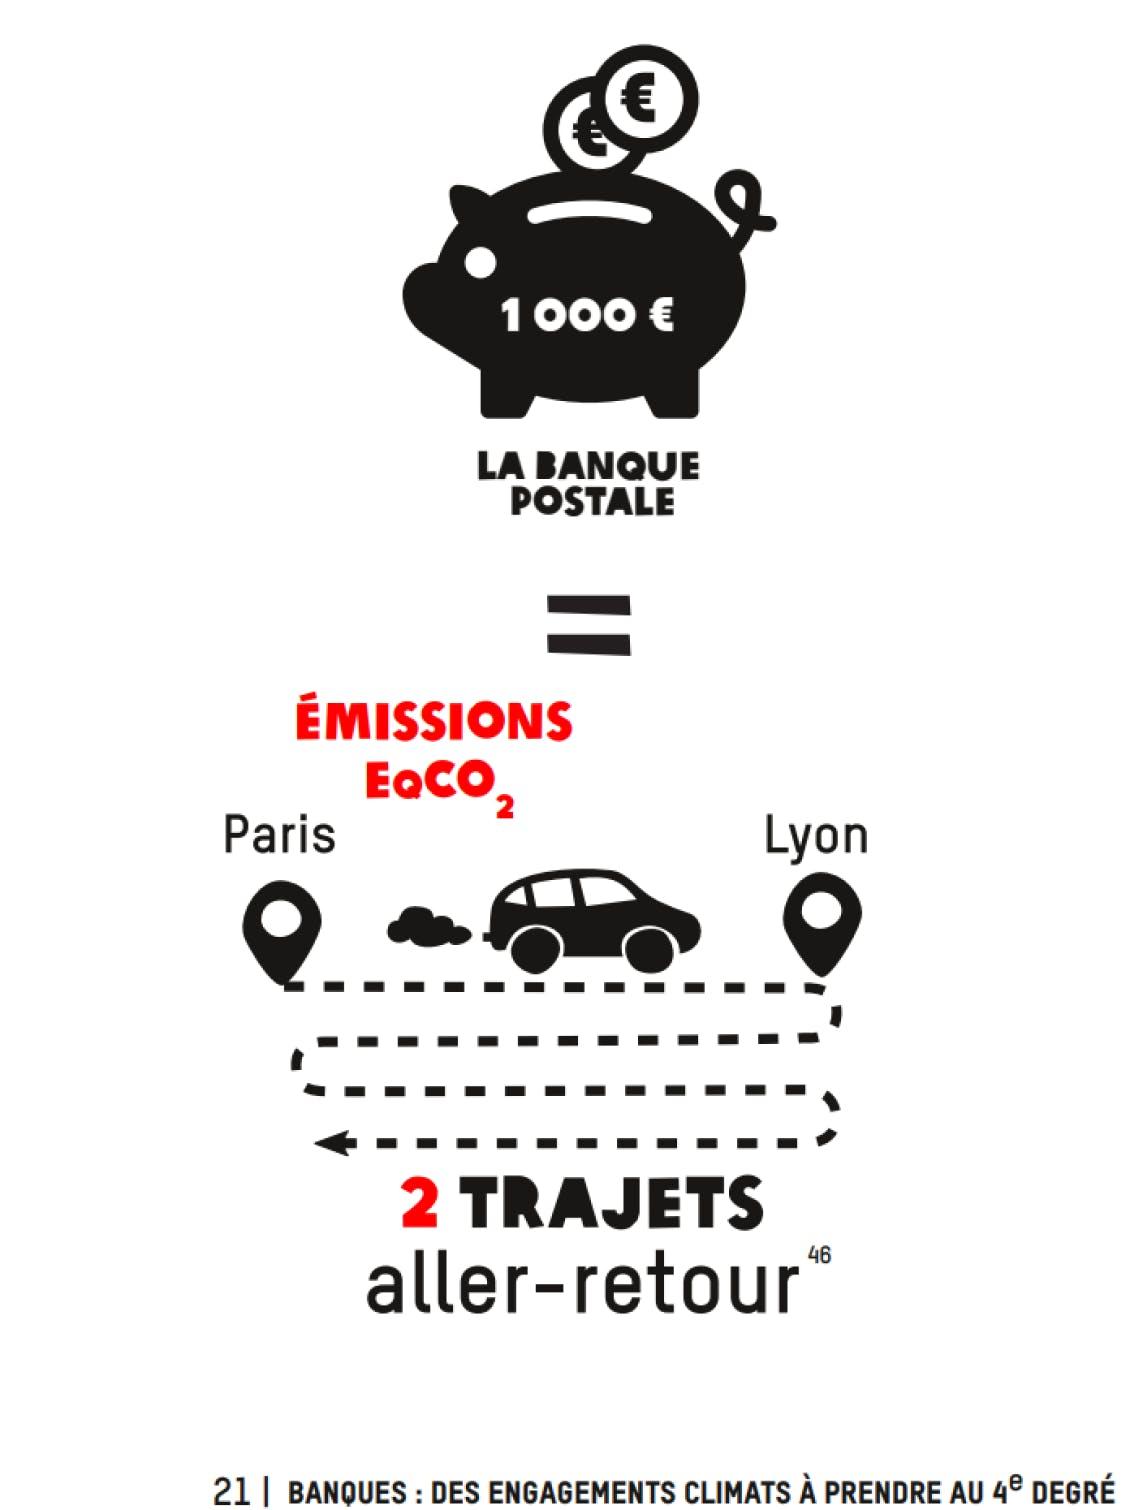 L'impact carbone de 1000€ déposés à La Banque Postale (Oxfam - octobre 2020)